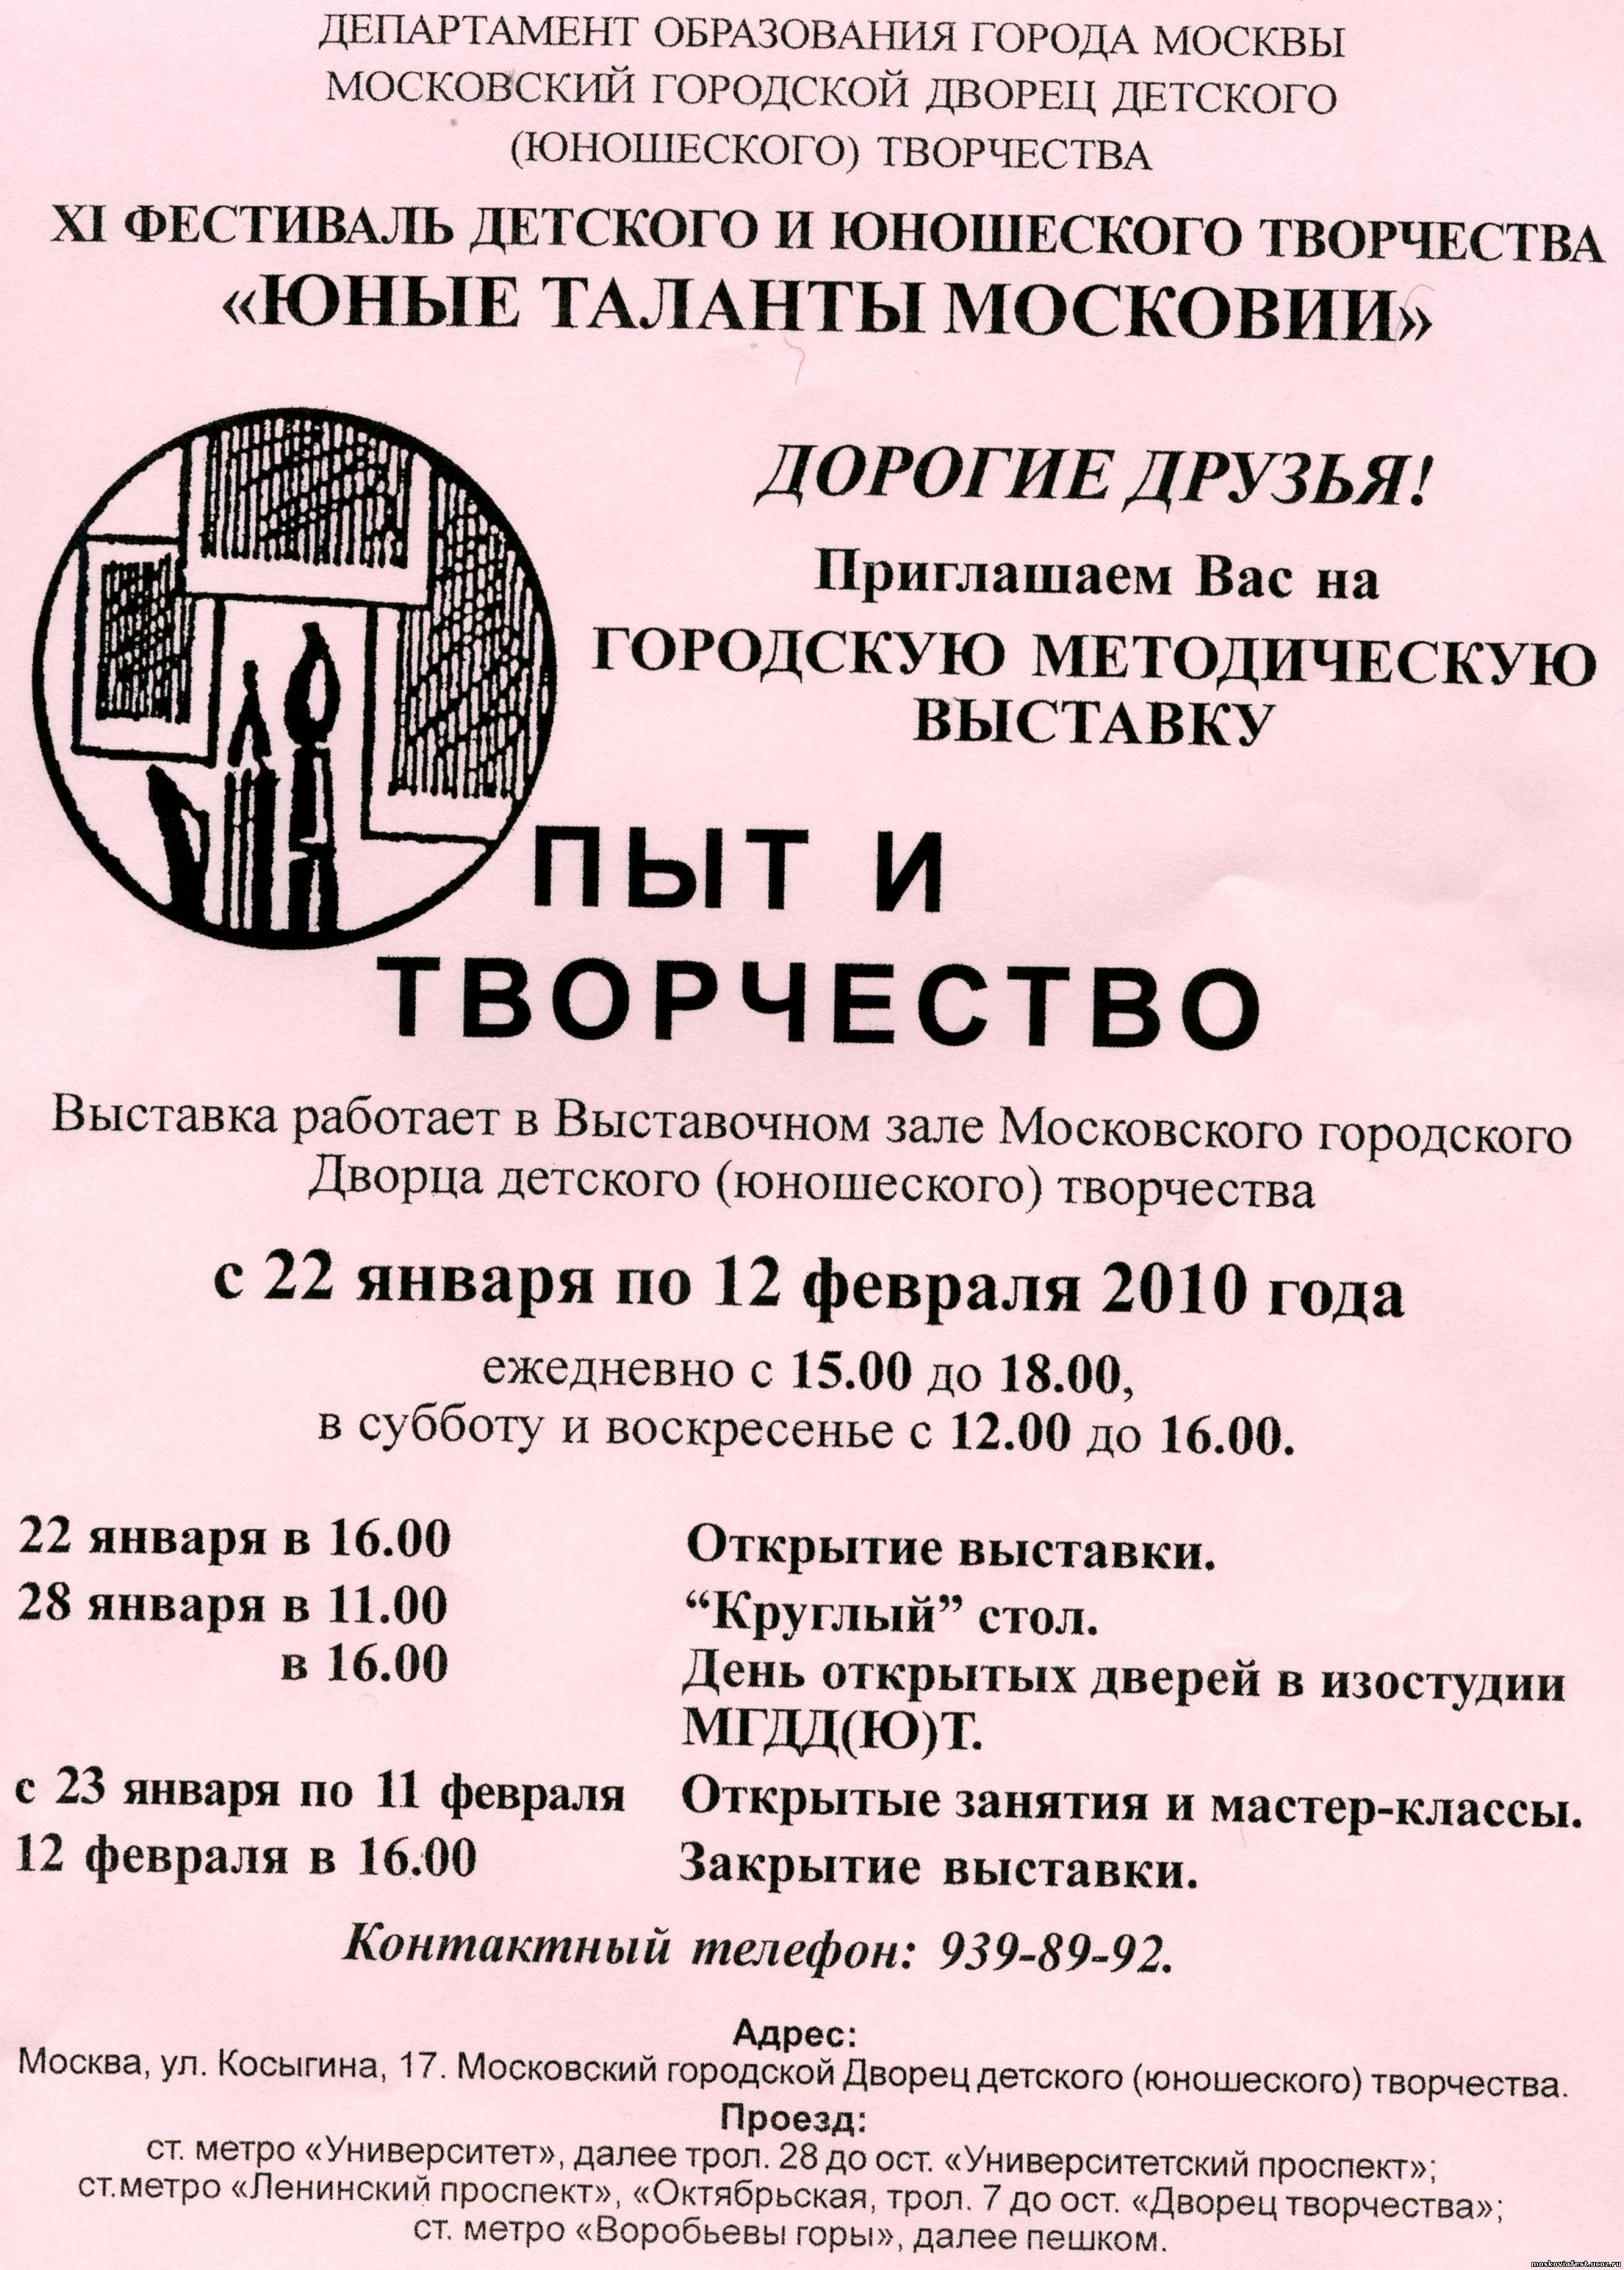 Опыт и творчество - городская методическая выставка ИЗО